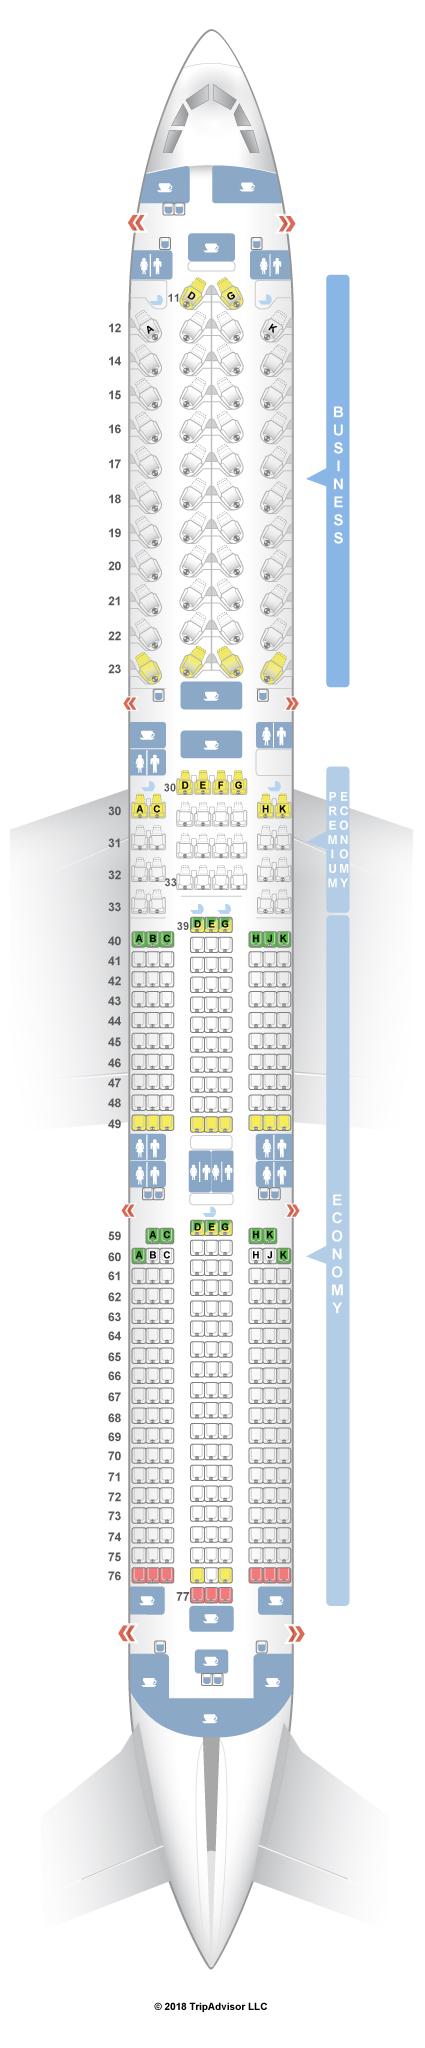 cathay pacific premium economy seat map Seatguru Seat Map Cathay Pacific Seatguru cathay pacific premium economy seat map